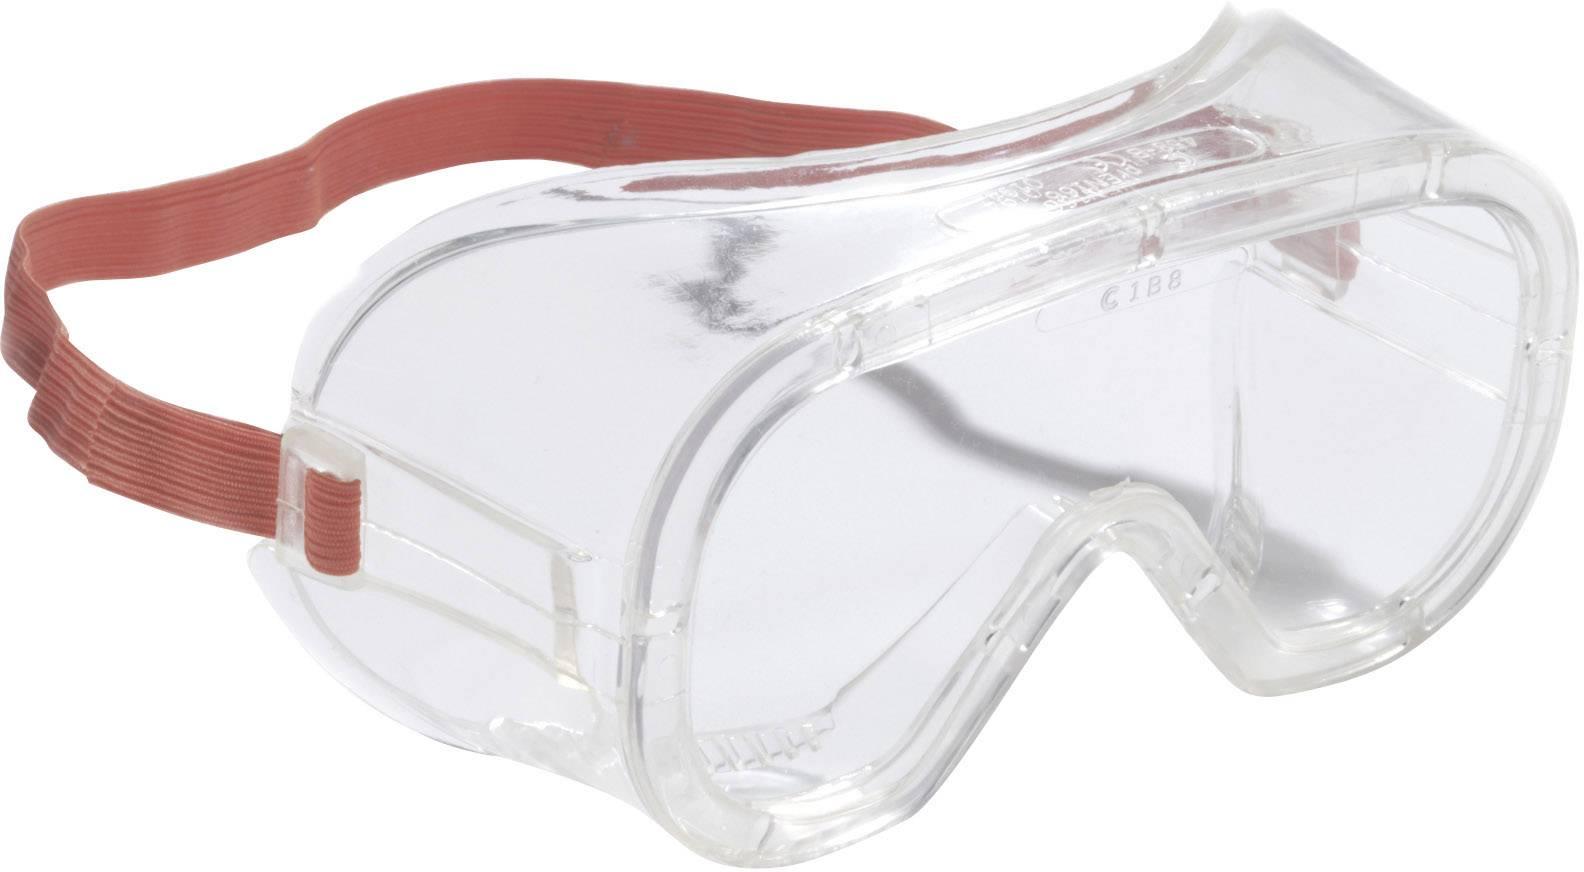 Ochranné brýle z plastu uzavřené, čiré 3M